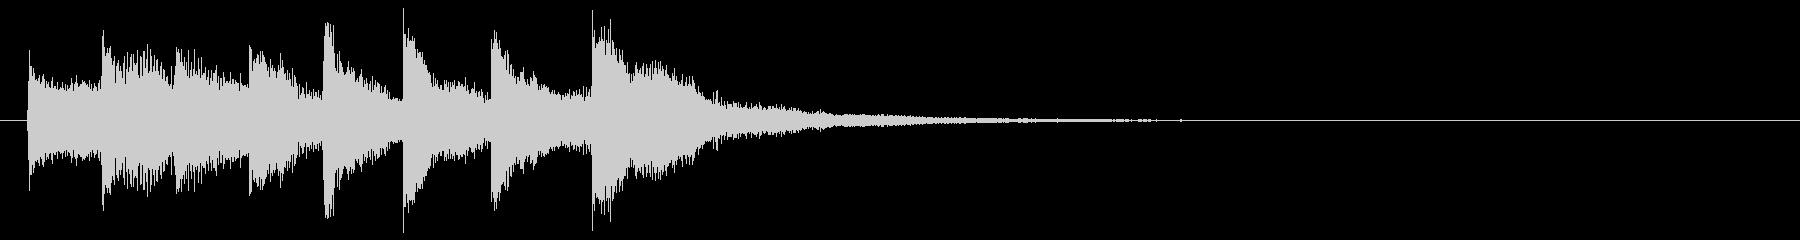 KANT アプリジングル01031の未再生の波形